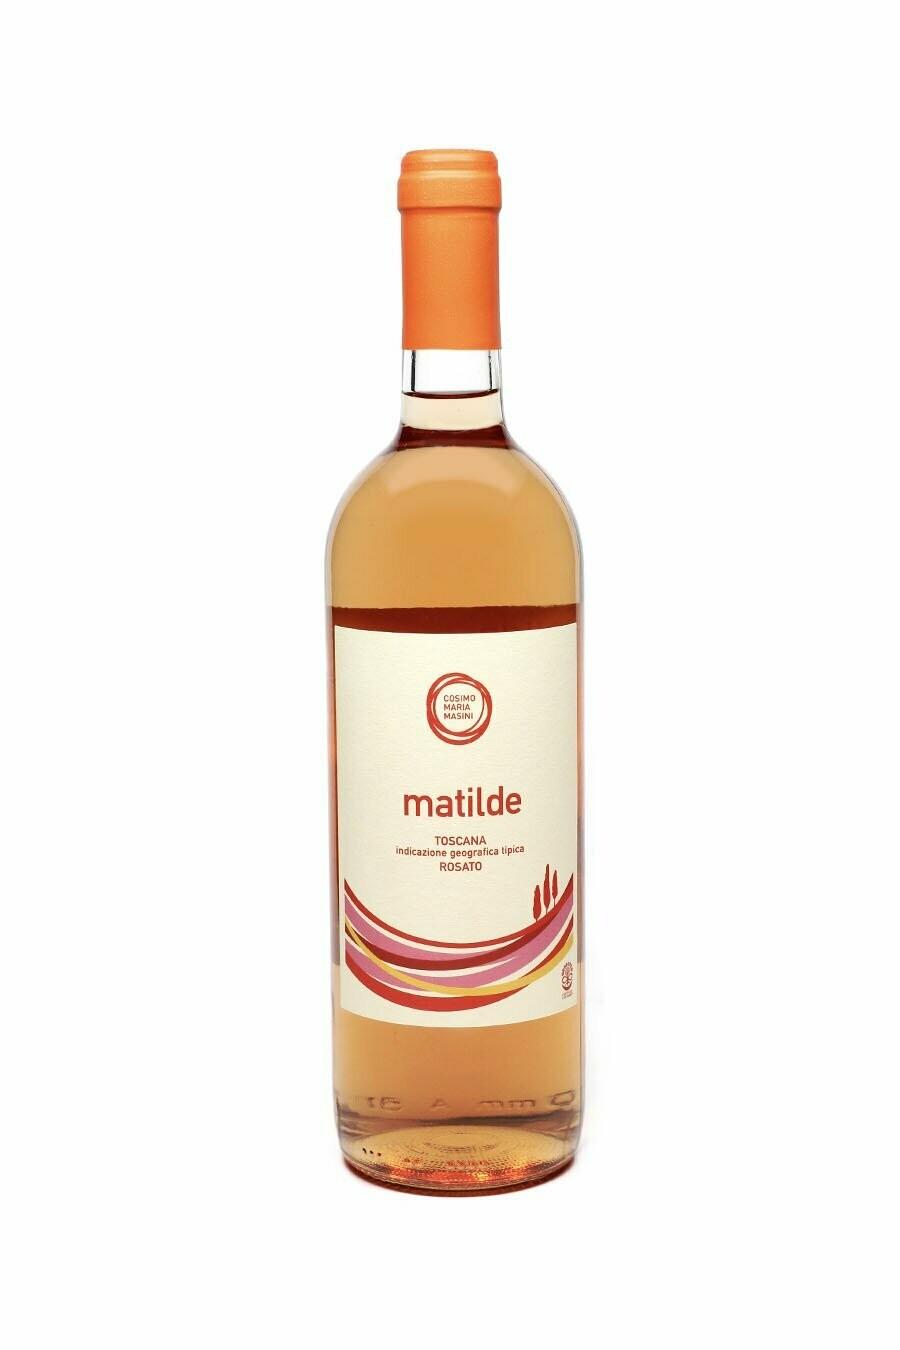 Maria Masini Matilde